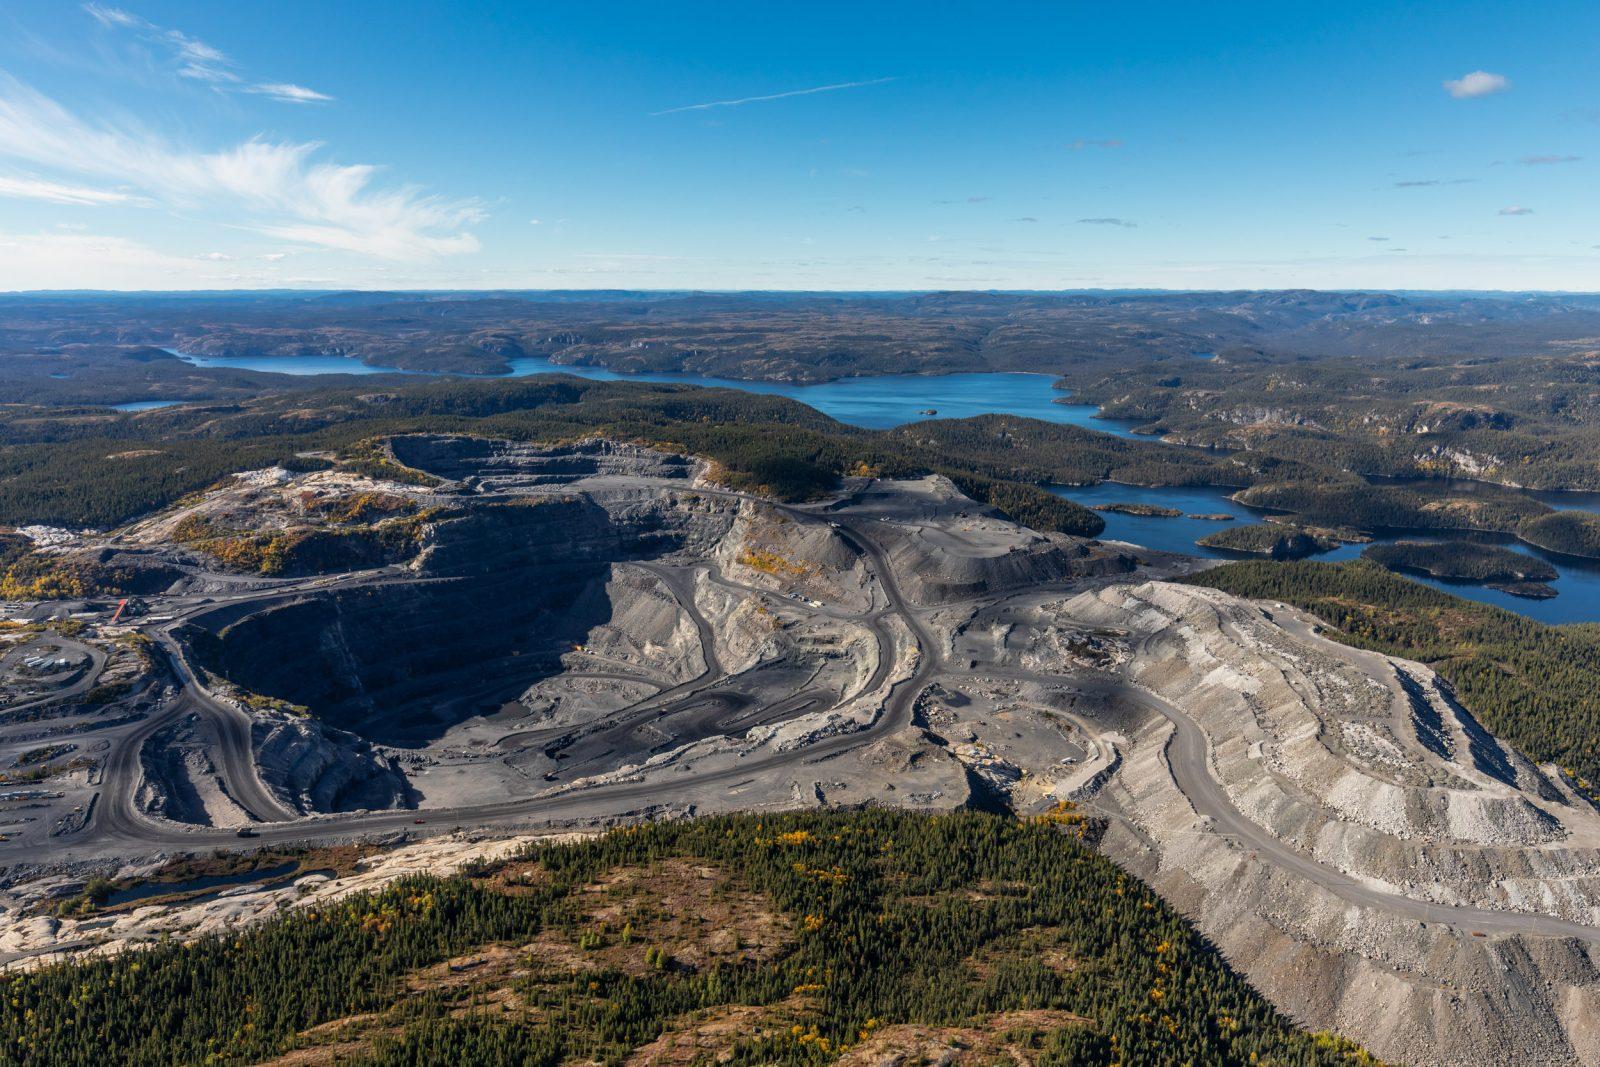 Des opportunités à saisir pour l'industrie minière